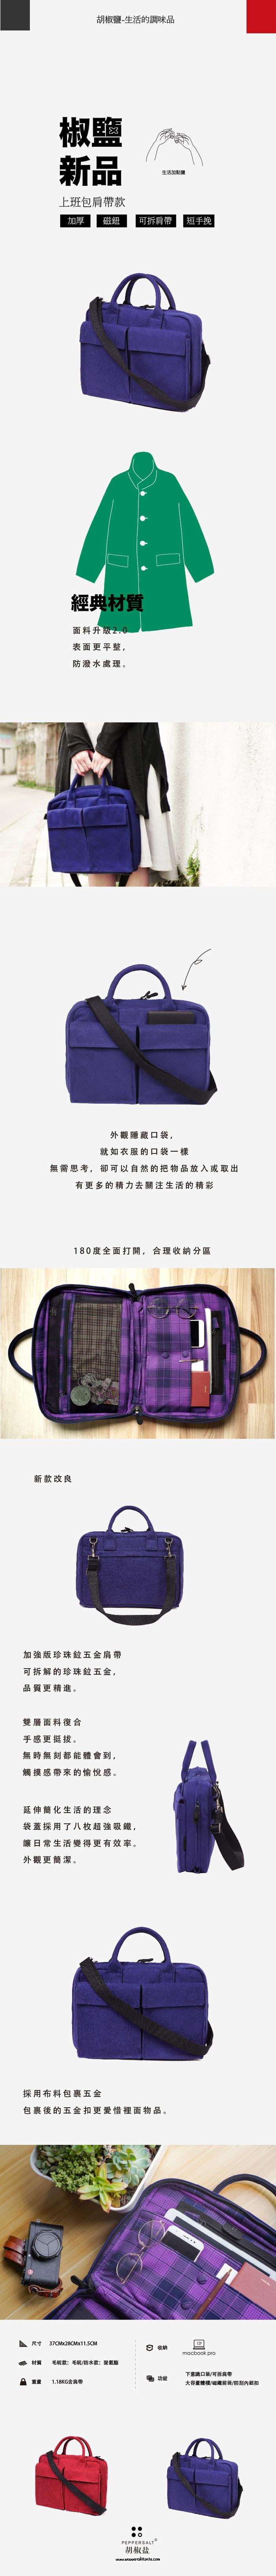 胡椒鹽 PEPPER&SALT│毛呢POLO 13吋筆電包(優雅藍 / 手提包 / 附背帶)